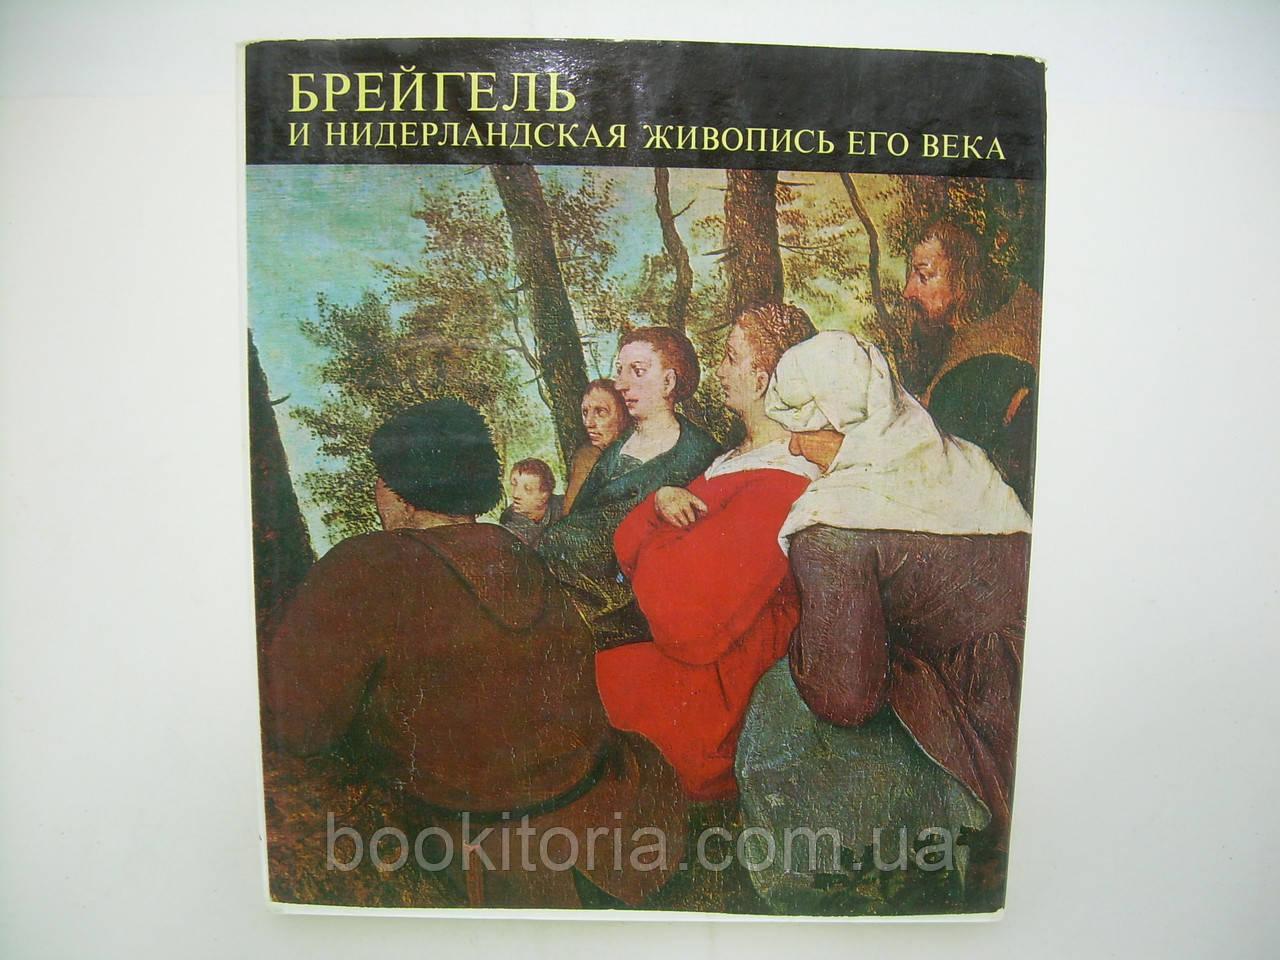 Герси Т. Брейгель и нидерландская живопись его века (б/у).